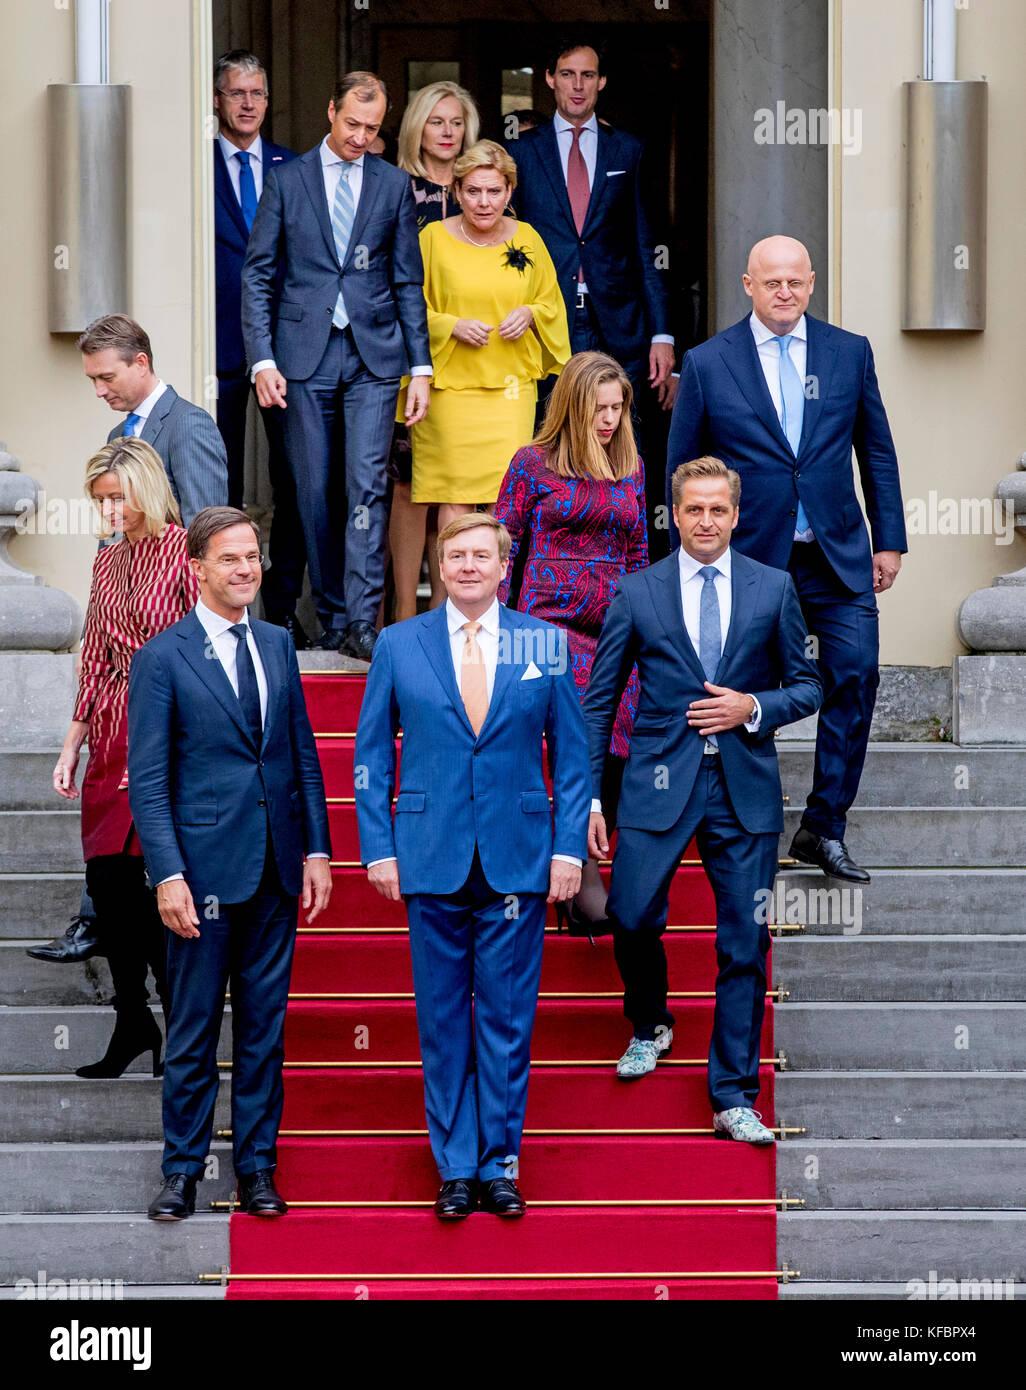 ¿Cuánto mide Guillermo de Holanda (William Alexander)? - Altura - Real height El-rey-willem-alexander-de-holanda-con-el-primer-ministro-mark-rutte-y-su-nuevo-gabinete-en-palacio-noordeinde-en-la-haya-paises-bajos-26-de-octubre-de-2017-l-r-primera-fila-halbe-zijlstra-ministro-de-relaciones-exteriores-vice-primer-ministro-kajsa-ollongren-ministro-de-interior-el-primer-ministro-mark-rutte-rey-de-willem-alexander-de-los-paises-bajos-el-vice-primer-ministro-hugo-de-jonge-ministro-de-salud-el-vice-primer-ministro-carol-schouten-ministra-de-agricultura-fernando-grappenhaus-ministro-de-justicia-l-r-segunda-fila-arie-ministro-de-aducation-slob-sigrid-kaag-ministro-de-relaciones-kfbpx4